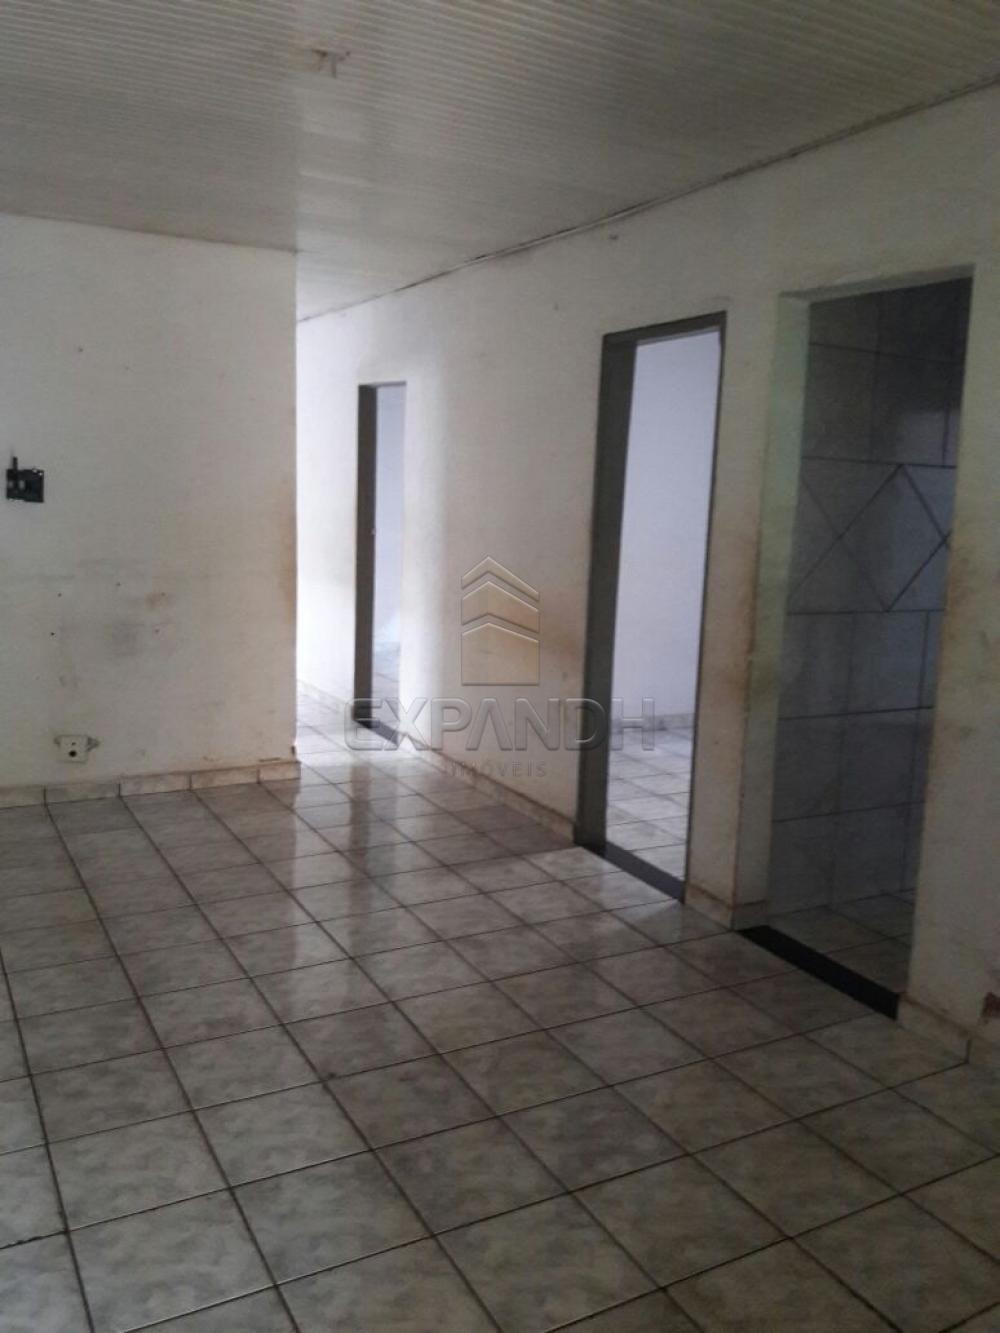 Comprar Casas / Padrão em Sertãozinho apenas R$ 140.000,00 - Foto 5